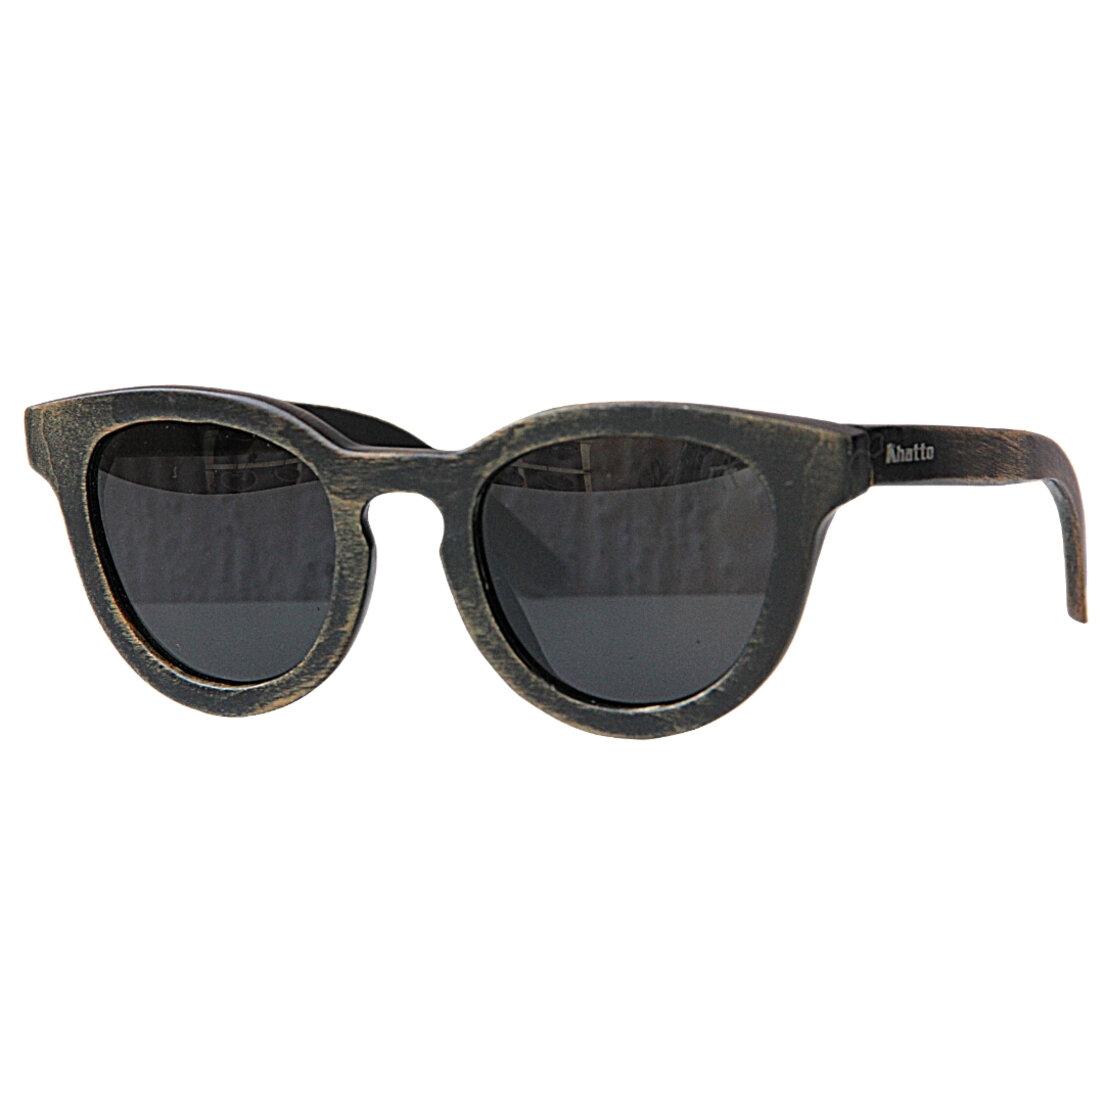 Óculos de Sol Khatto Madeira Round Retrô - C008